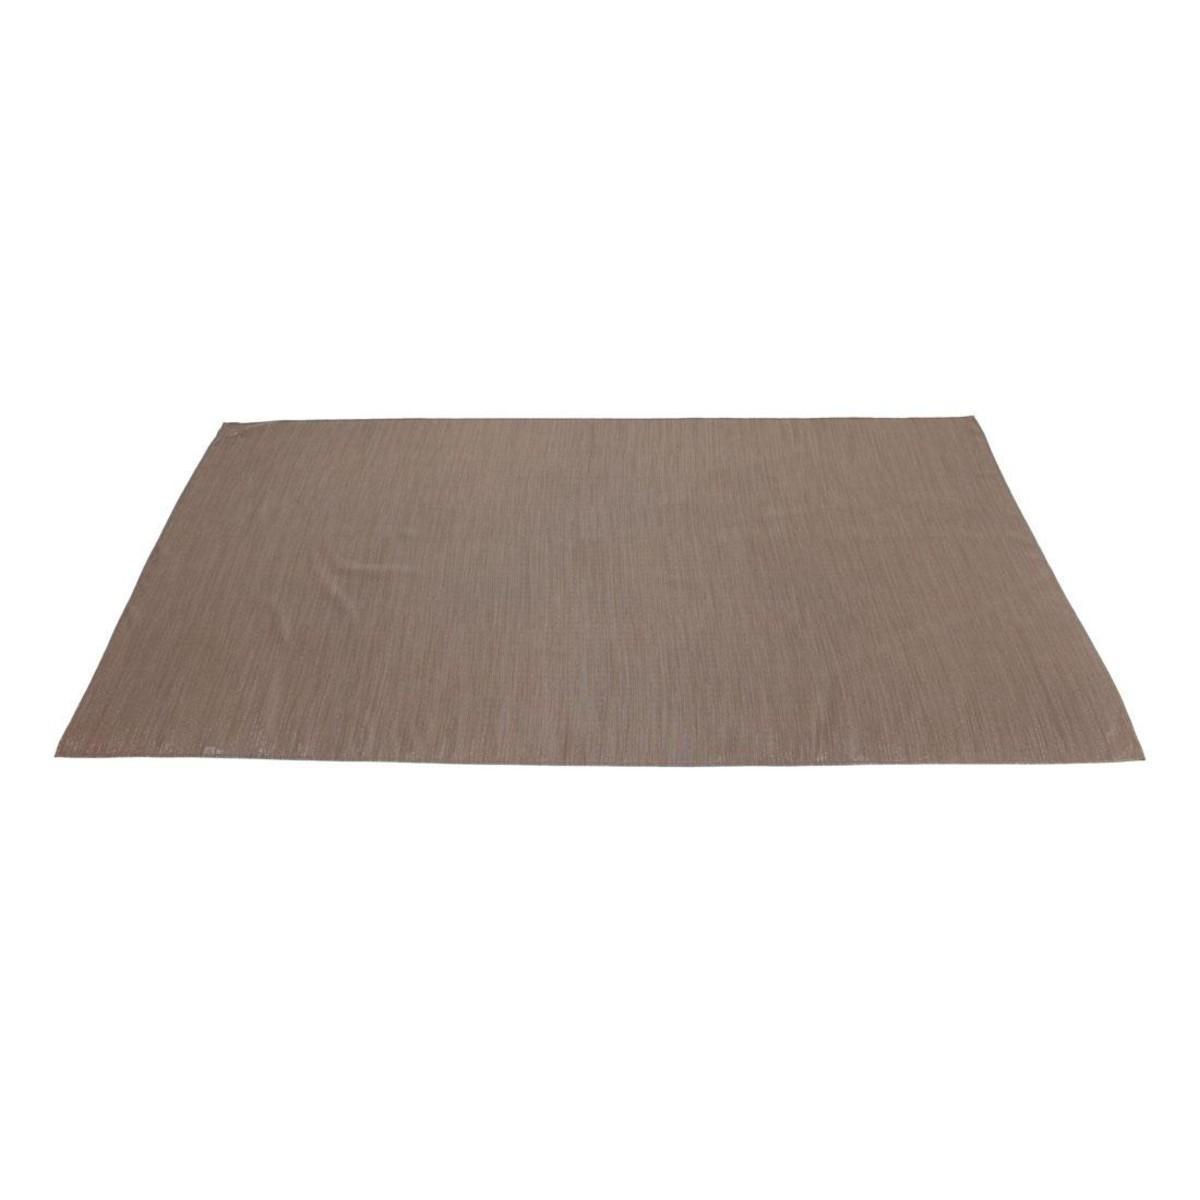 Дорожка на стол Хит-декор Блестящая коричневая 06500 150х40 см